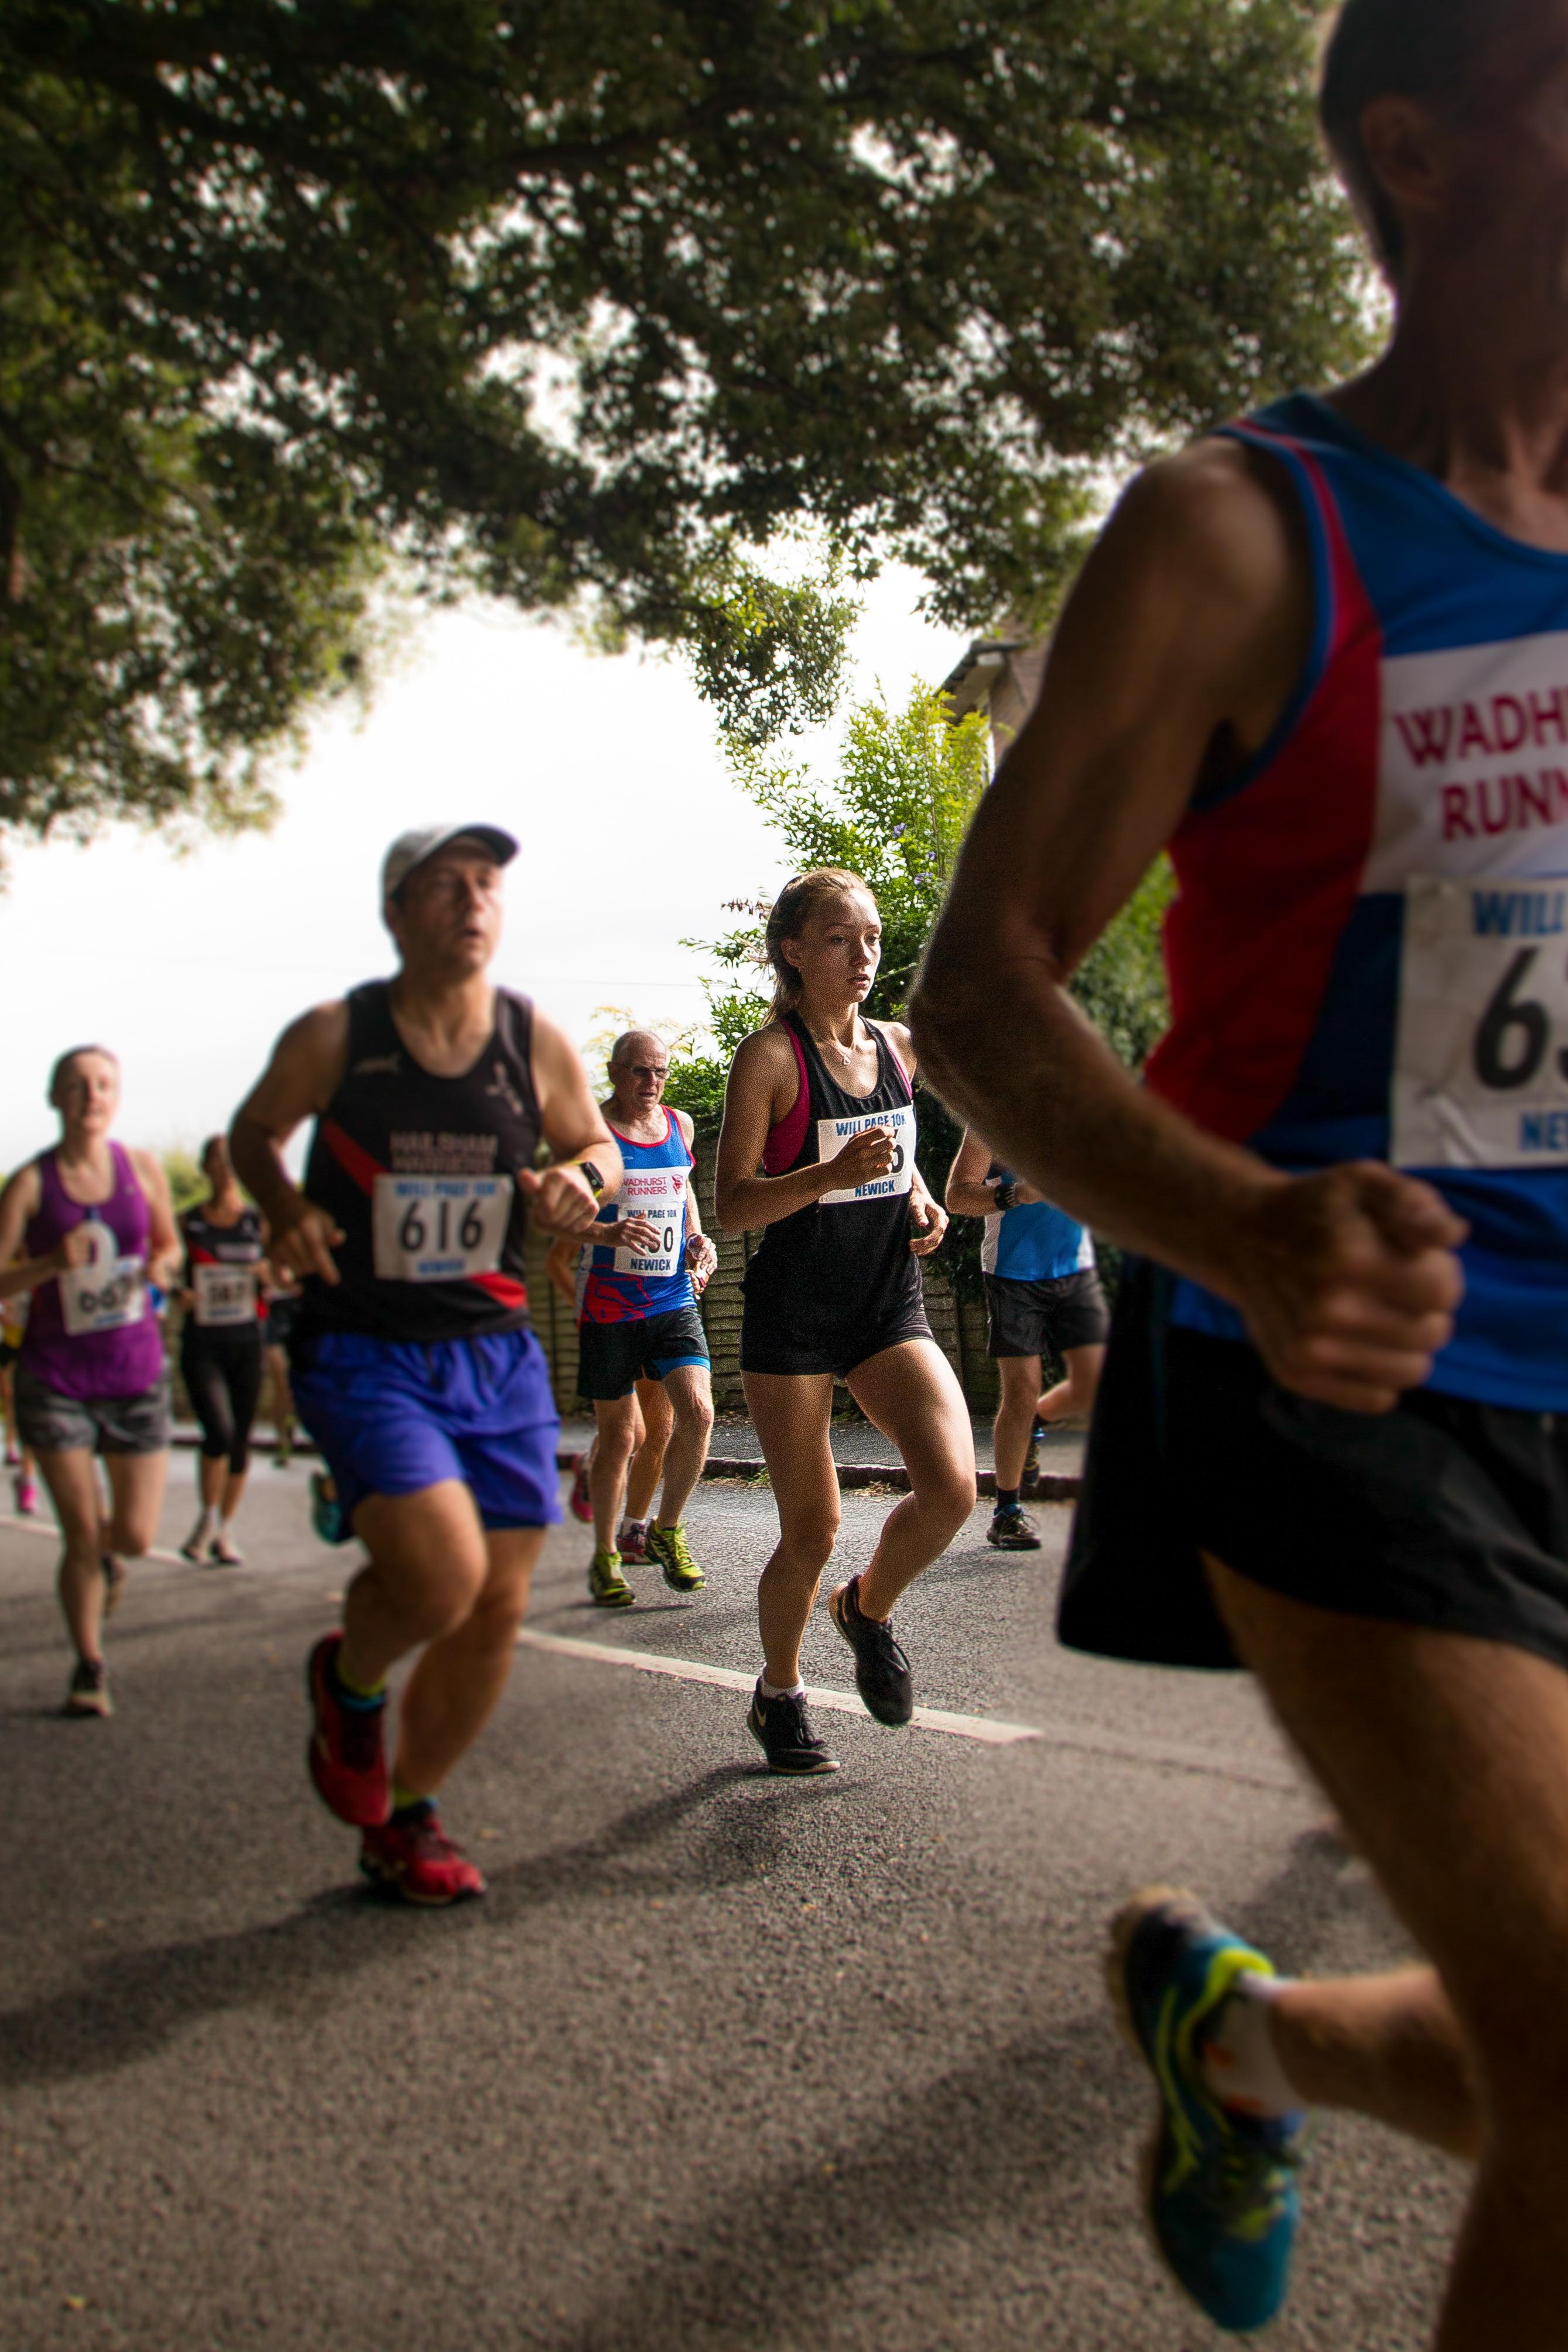 Runner - 656